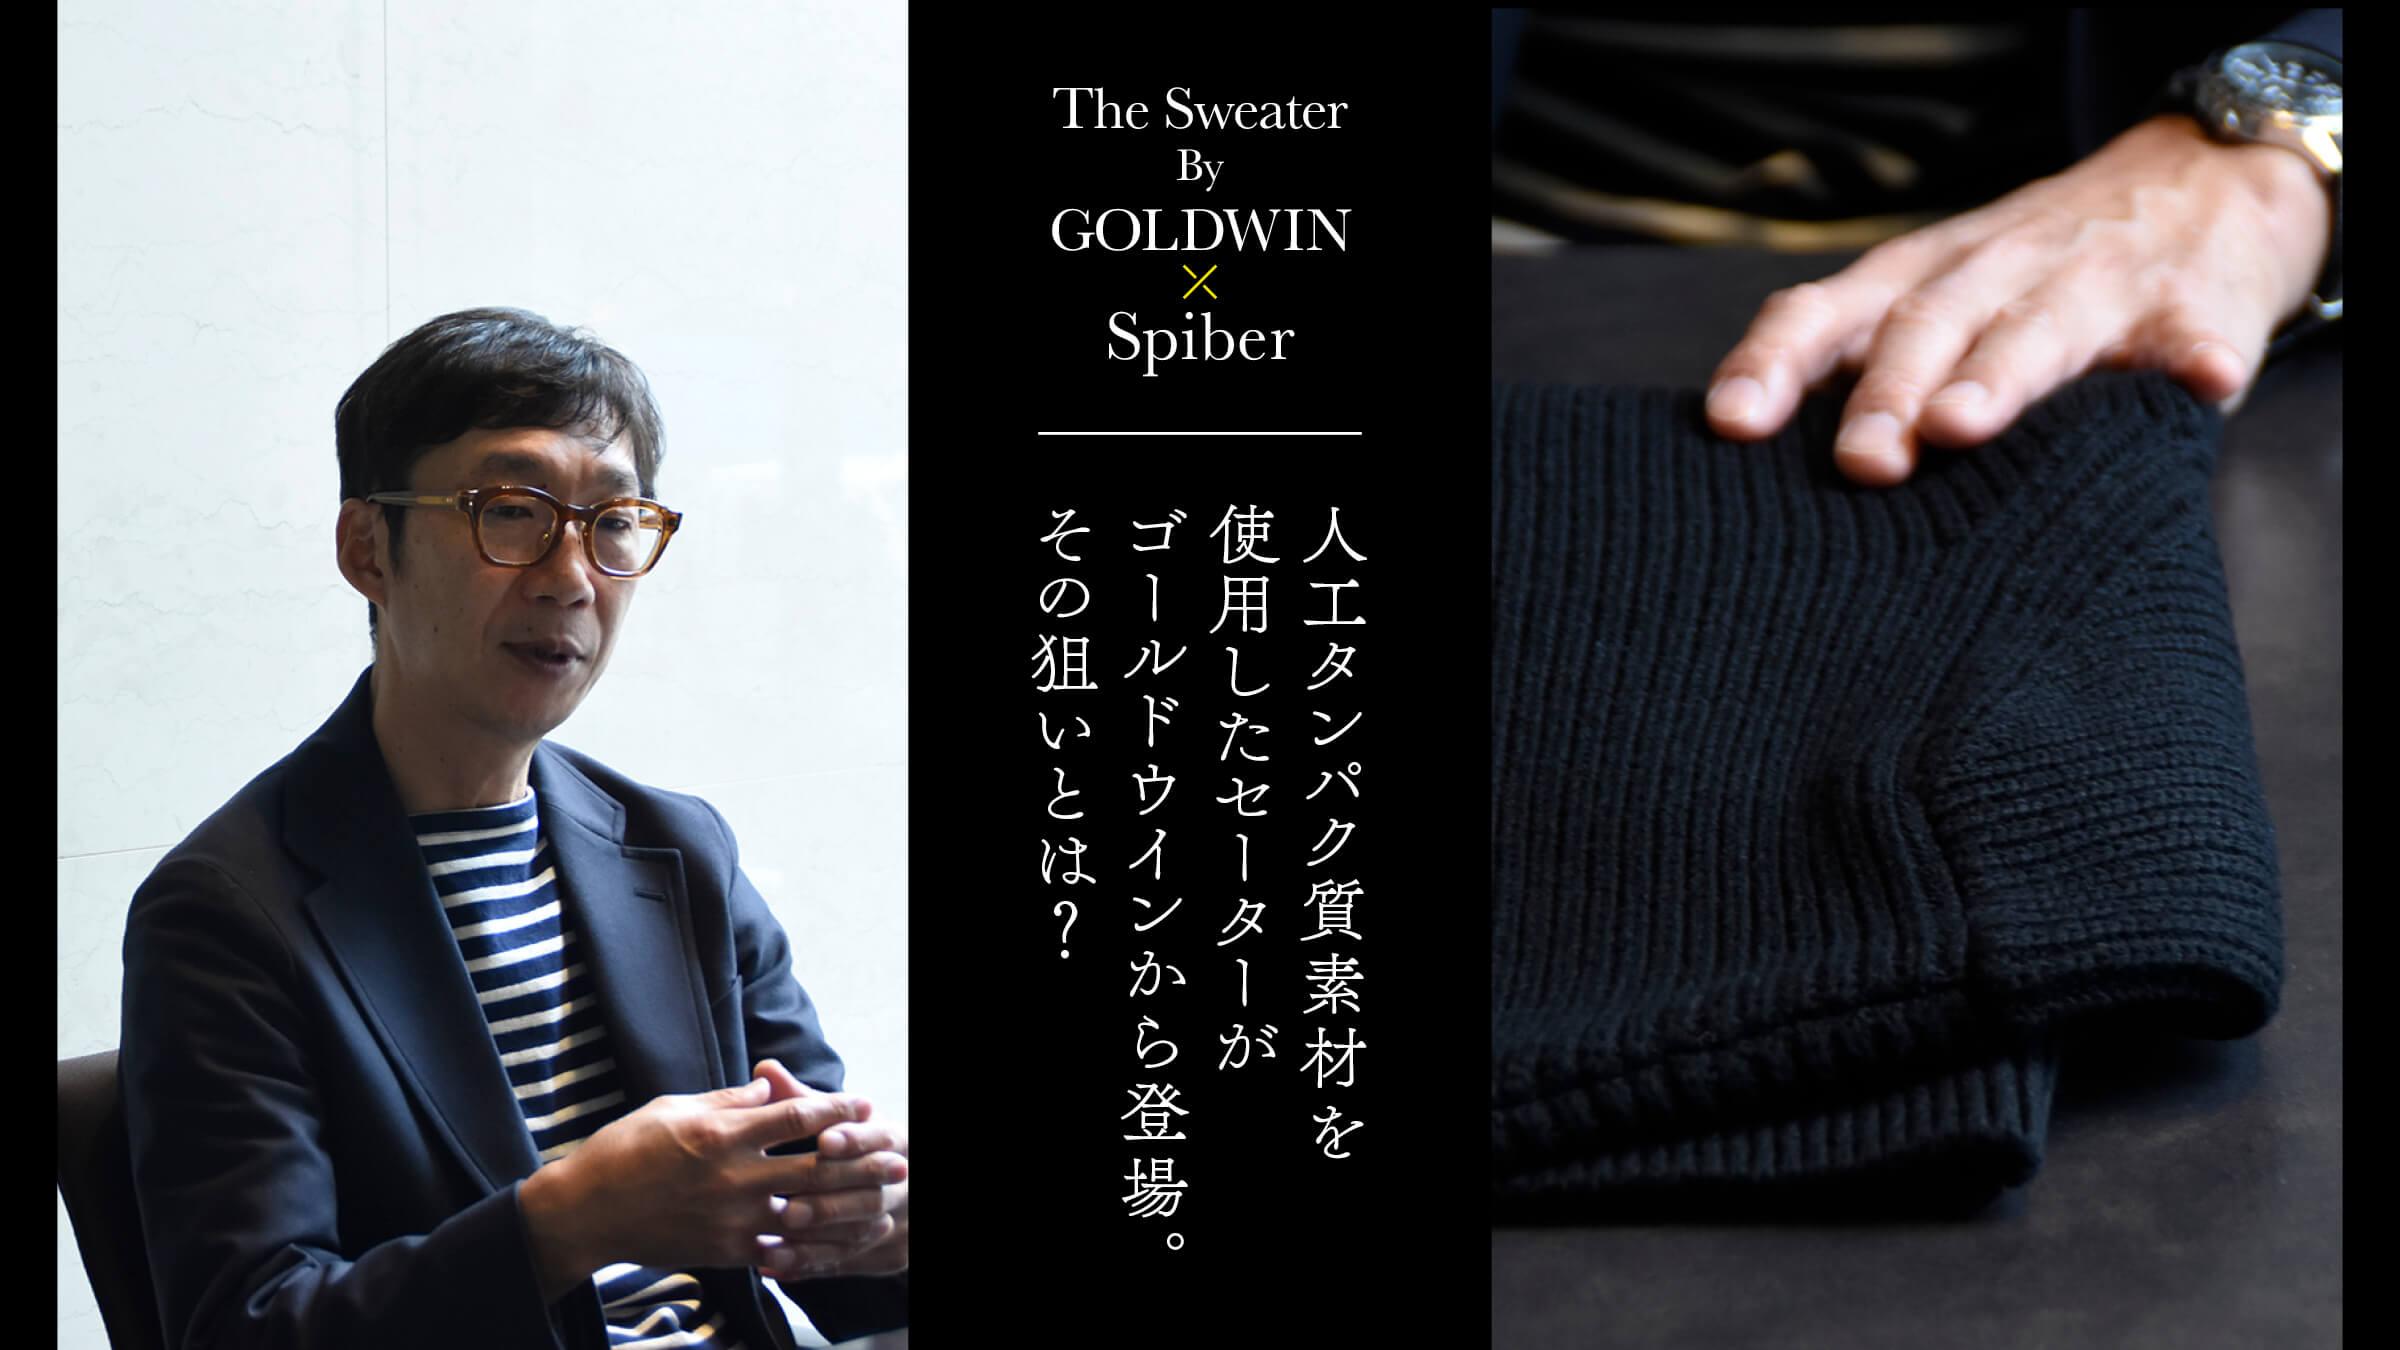 人工タンパク質素材を使用したセーターがゴールドウインから登場。その狙いとは?